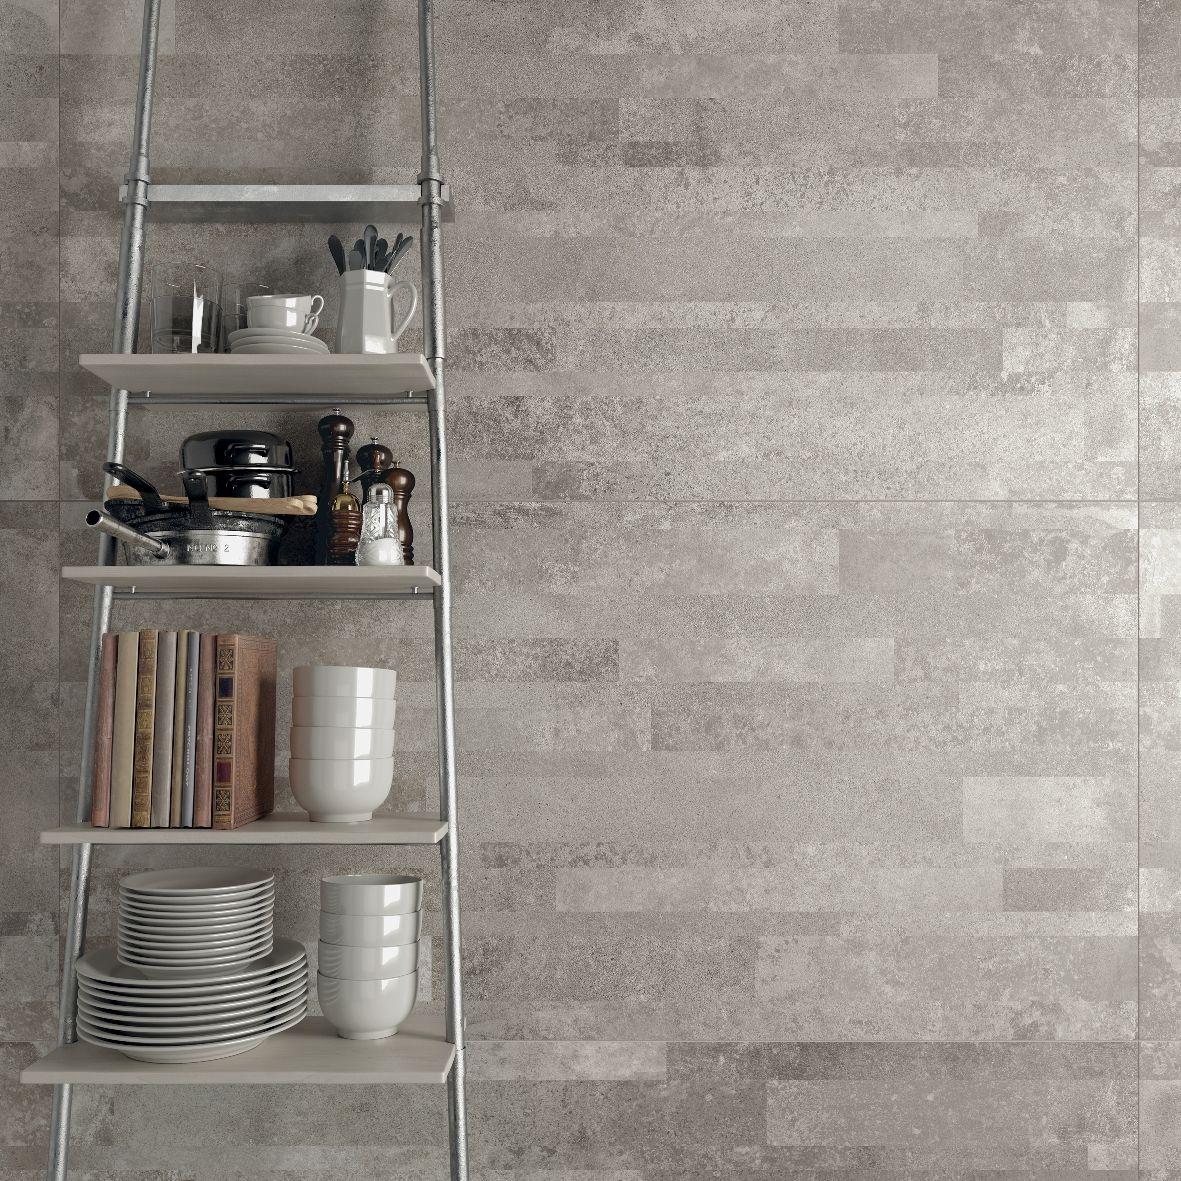 Tiles And Decor Dettaglio Di Stile #abkemozioni #wall Unika Illusion Grey In